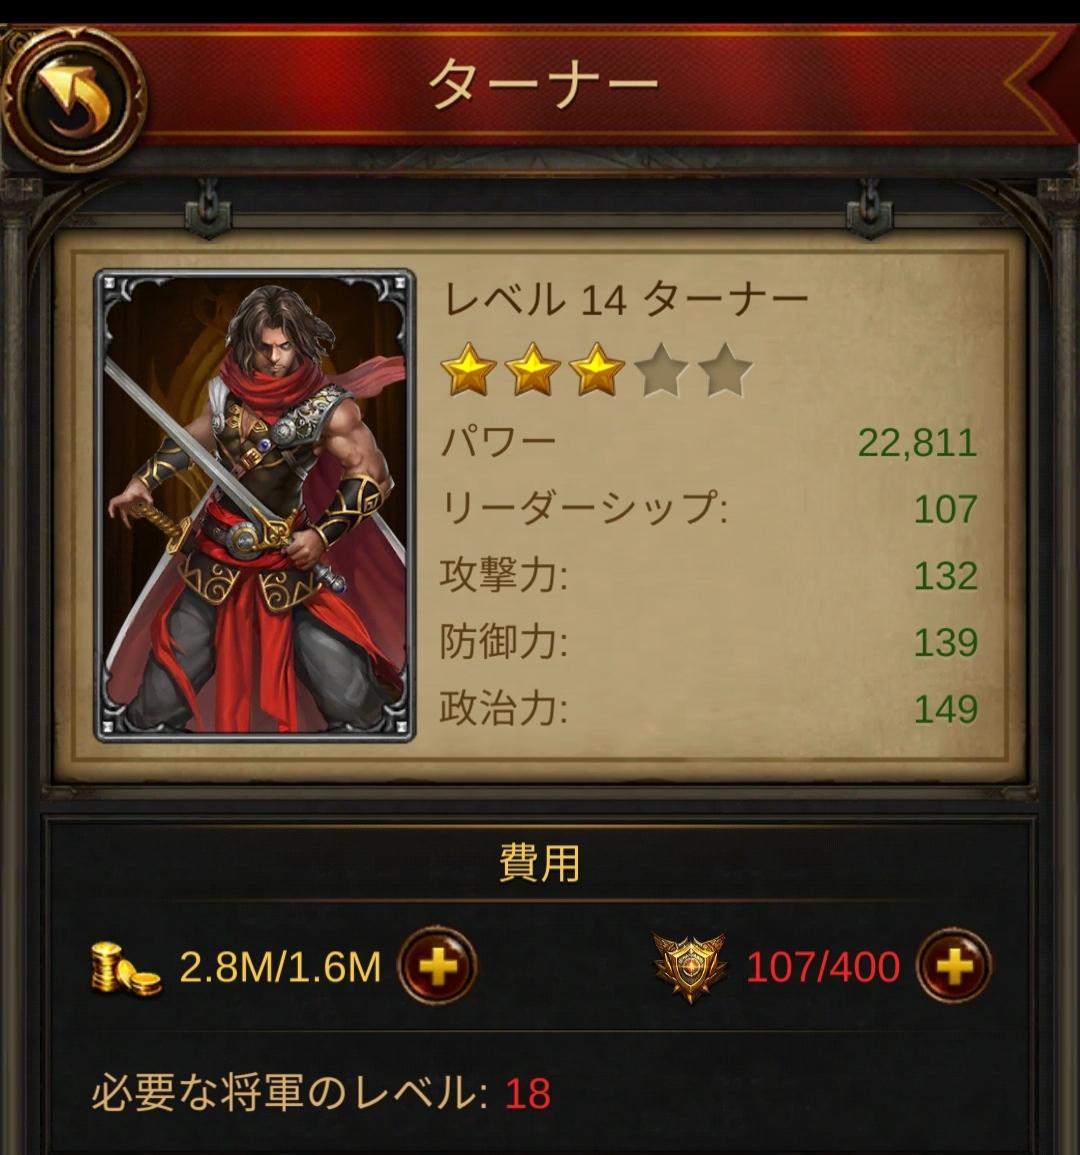 f:id:fukucchimoney:20210810000414j:plain